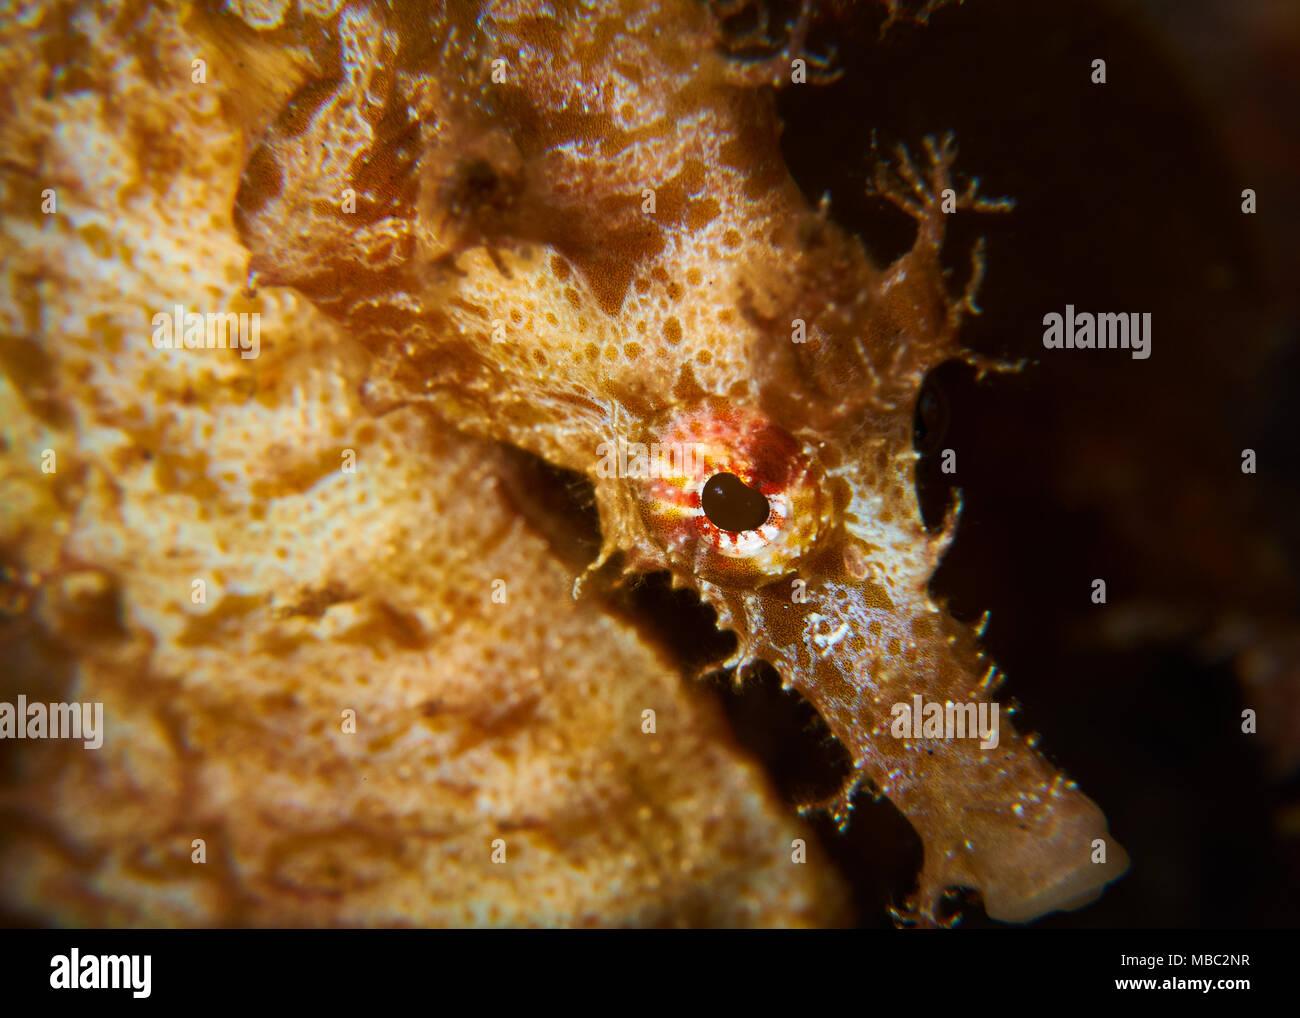 Short-snouted seahorse (Hippocampus hippocampus) portrait in Mar de las Calmas Marine Reserve (El Hierro, Canary Islands, Spain) - Stock Image